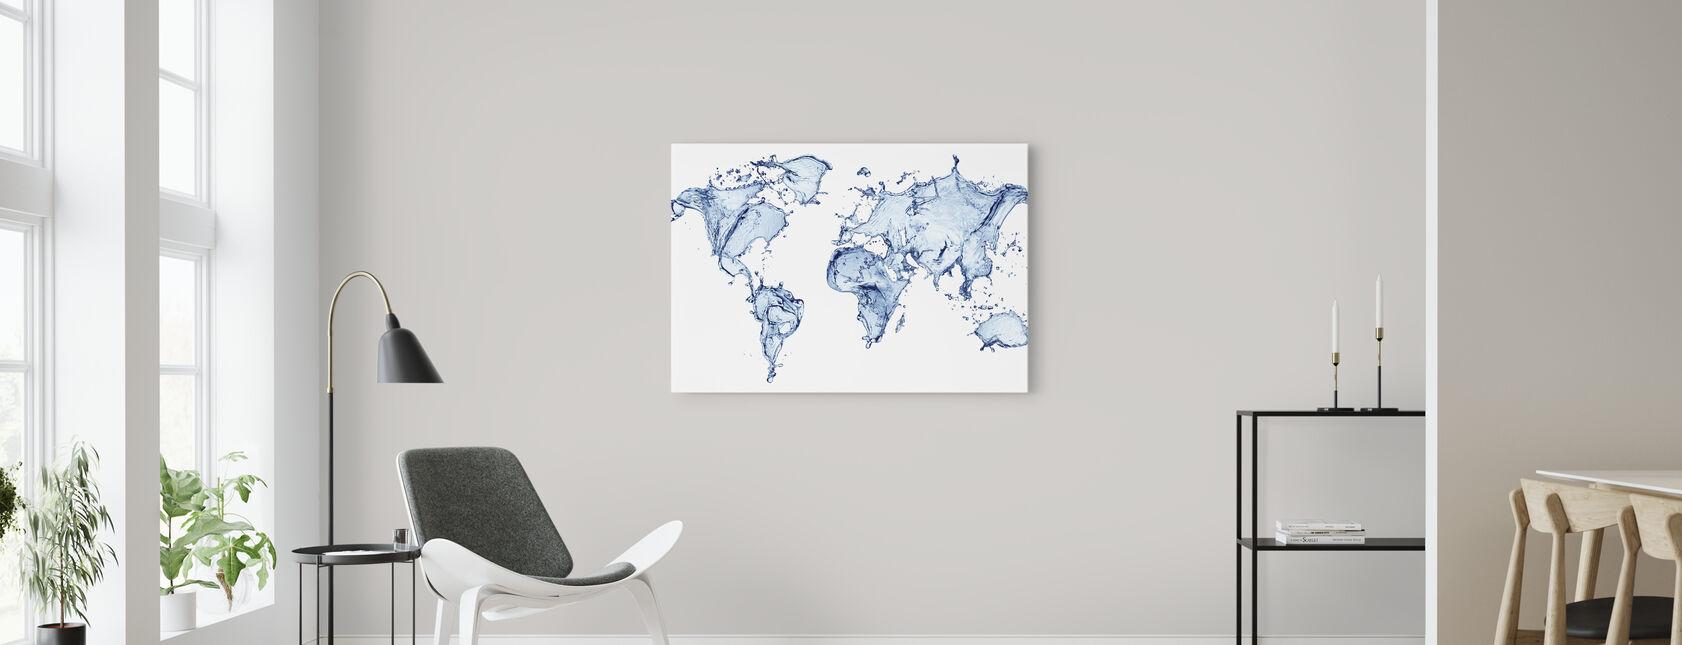 Monde de l'eau - Impression sur toile - Salle à manger